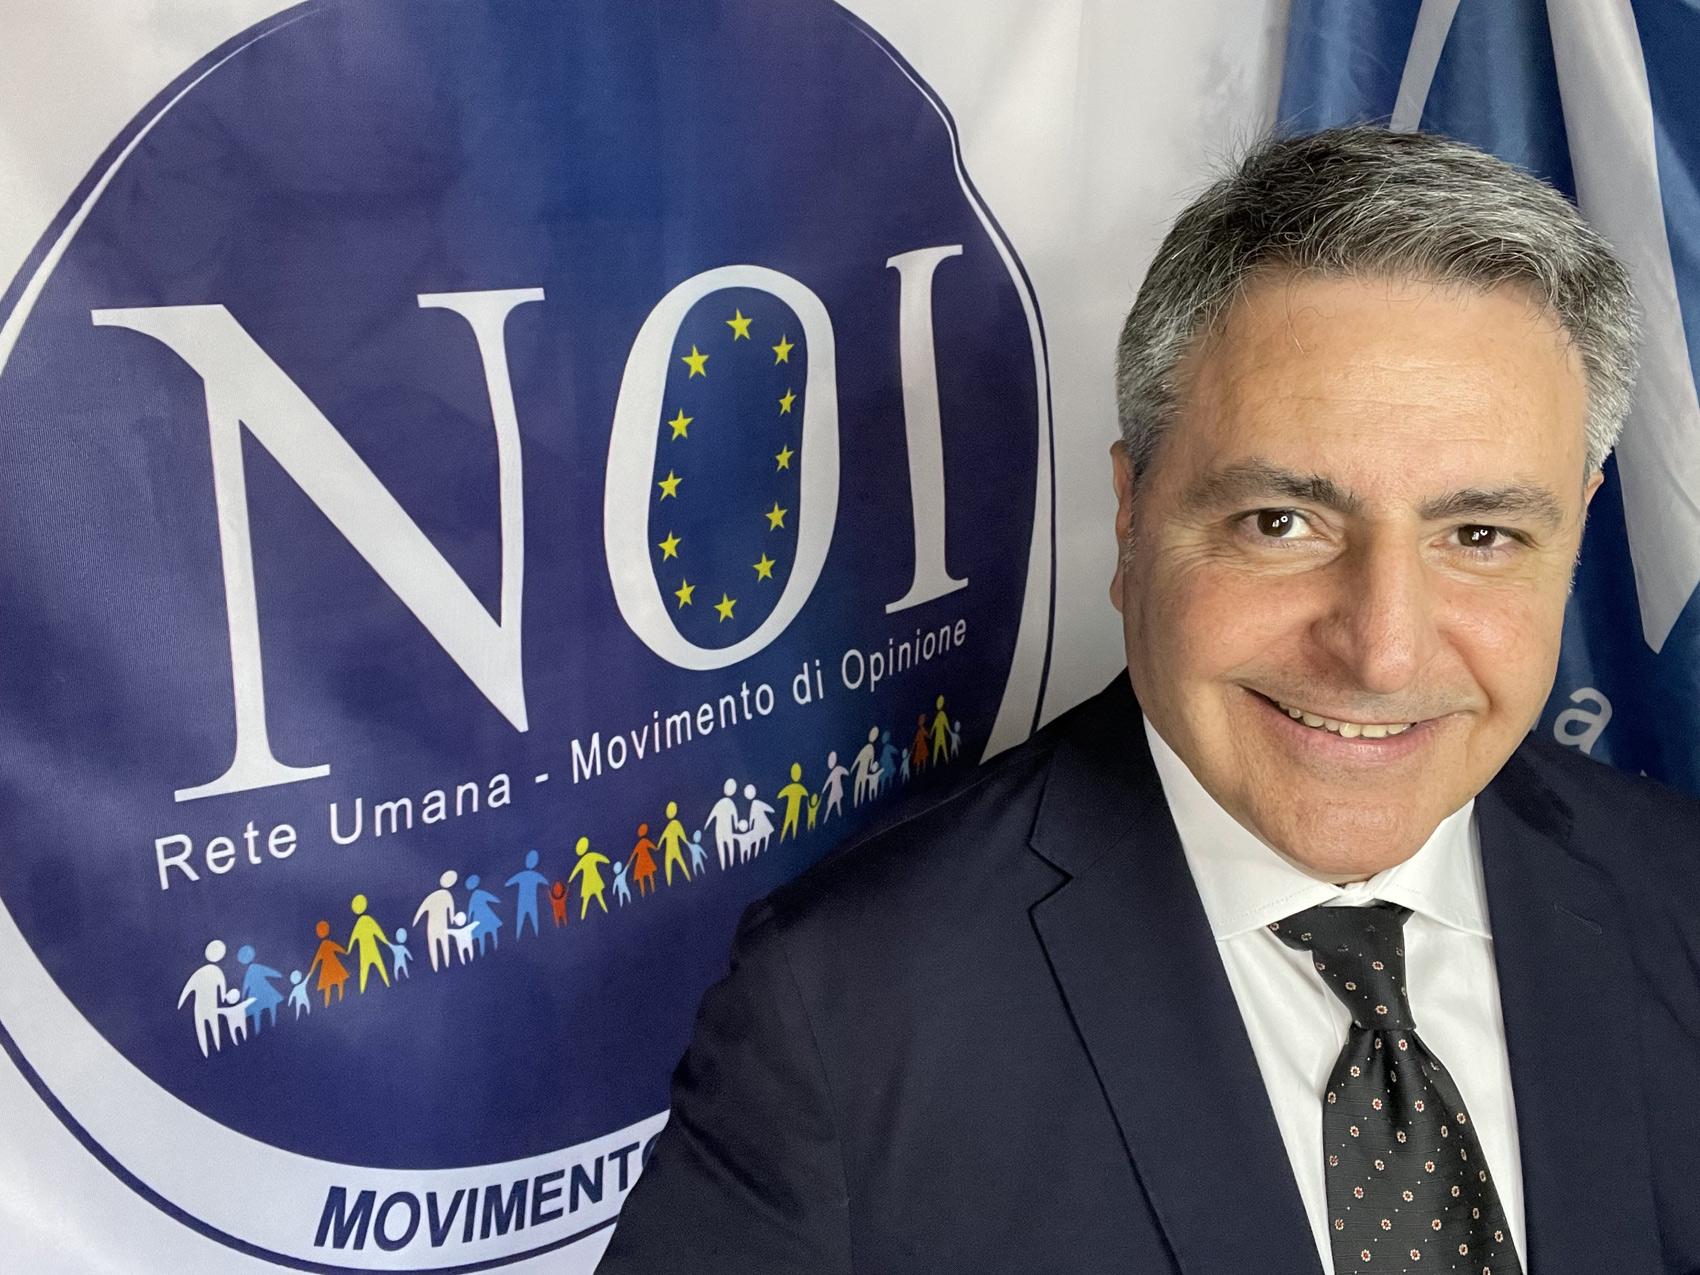 Fabio Gallo - Portavoce Nazionale del Movimento civico NOI